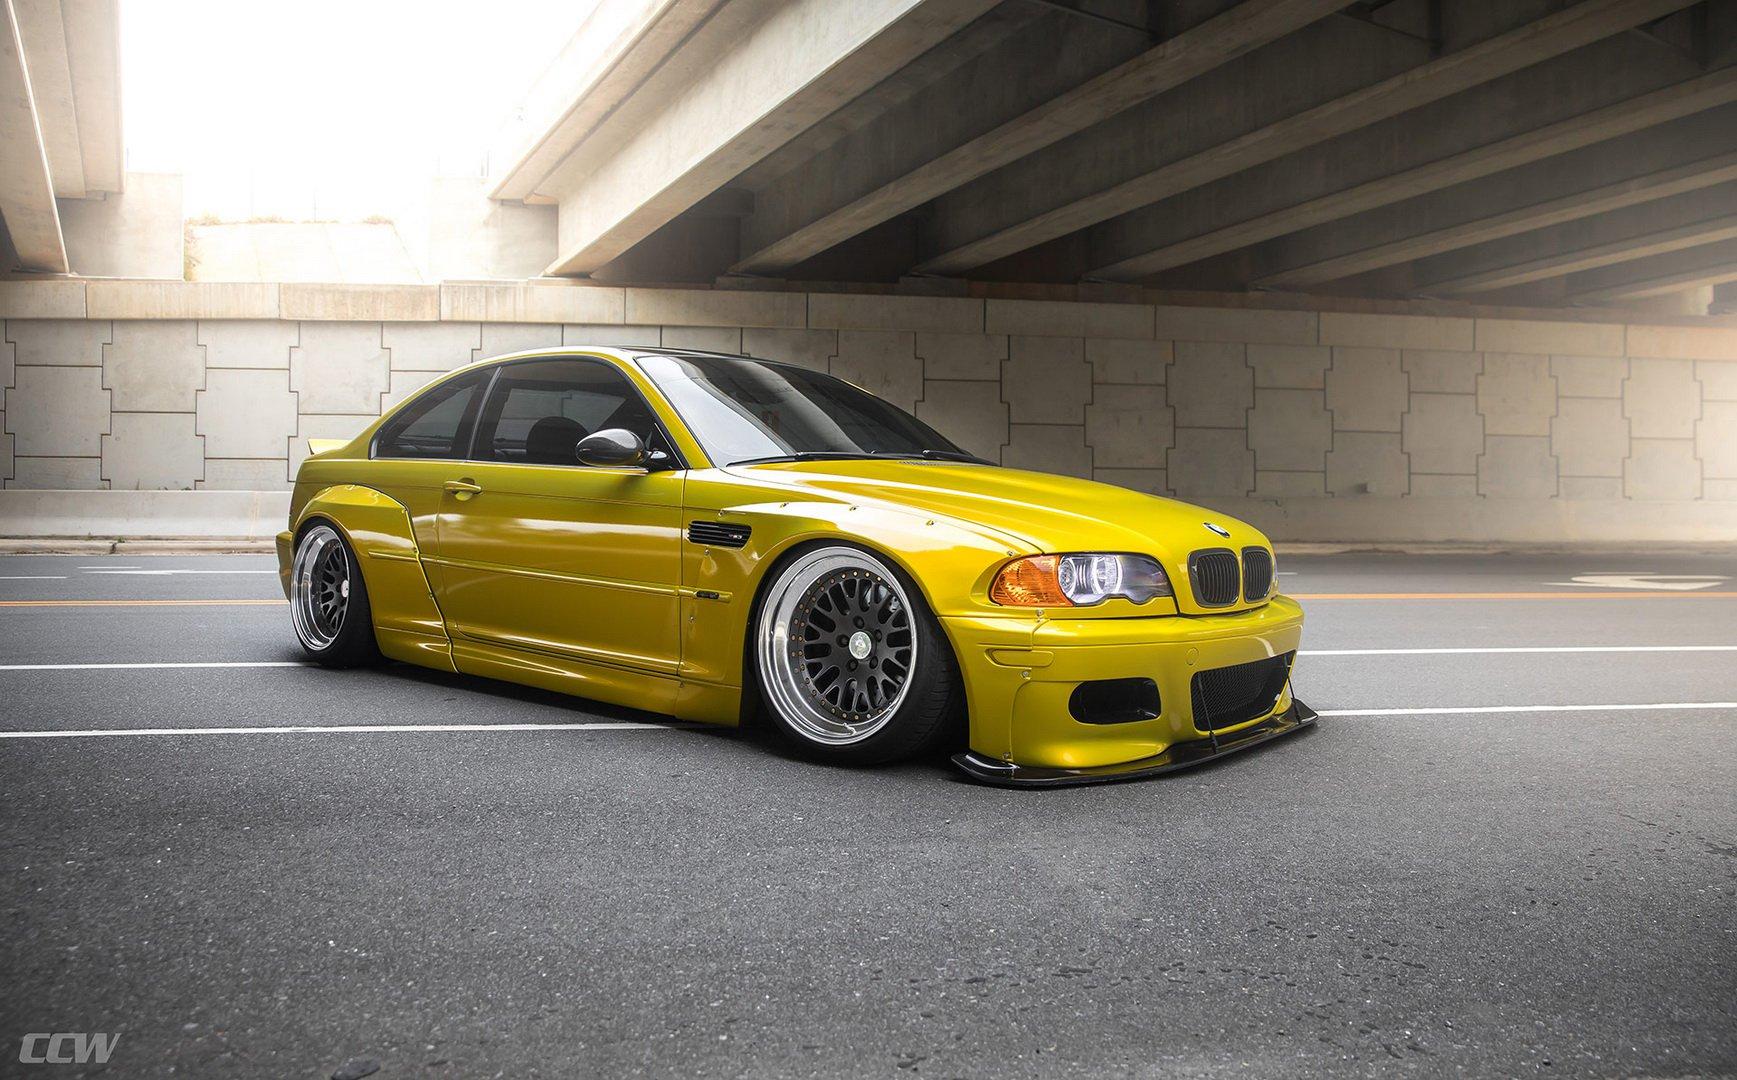 BMW M3 E46 byCCW (1)